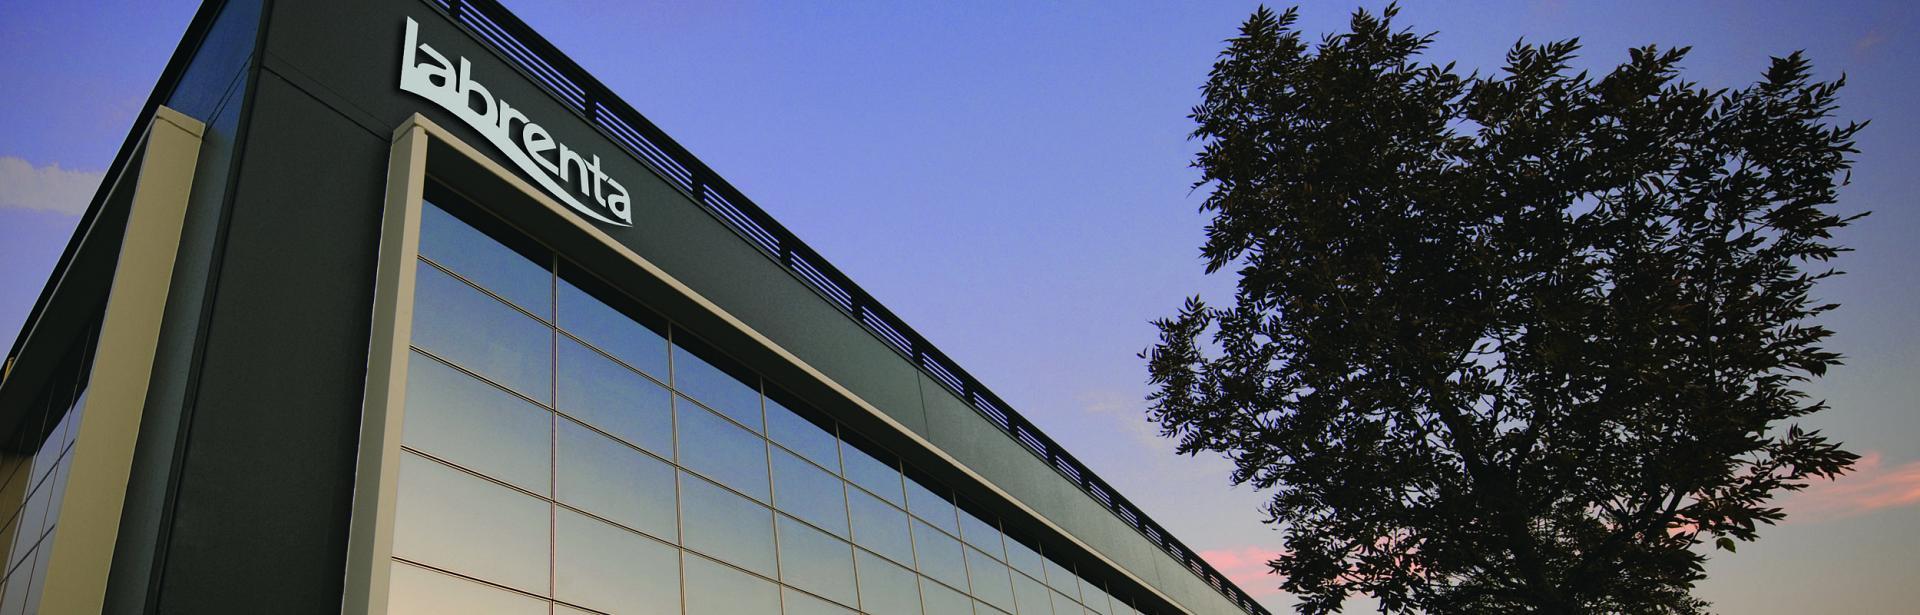 Labrenta azienda produzione tappi a Breganze